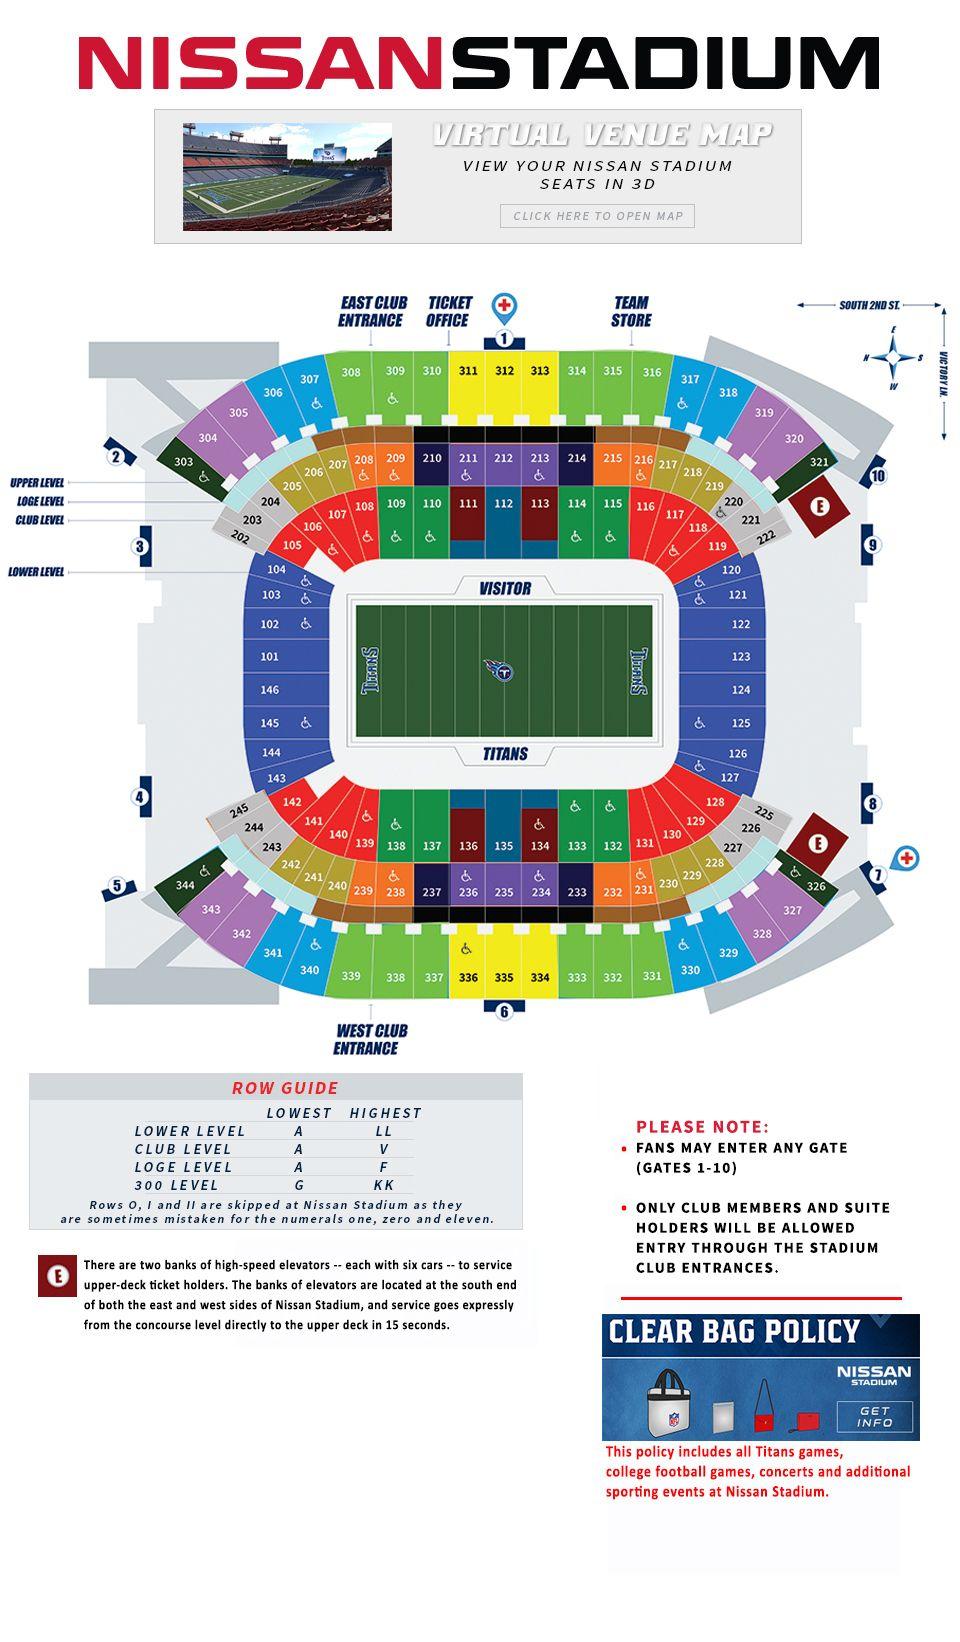 Nissan Stadium Seating Guide Jpg 960 1642 Nissan Stadium Tennessee Titans Stadium